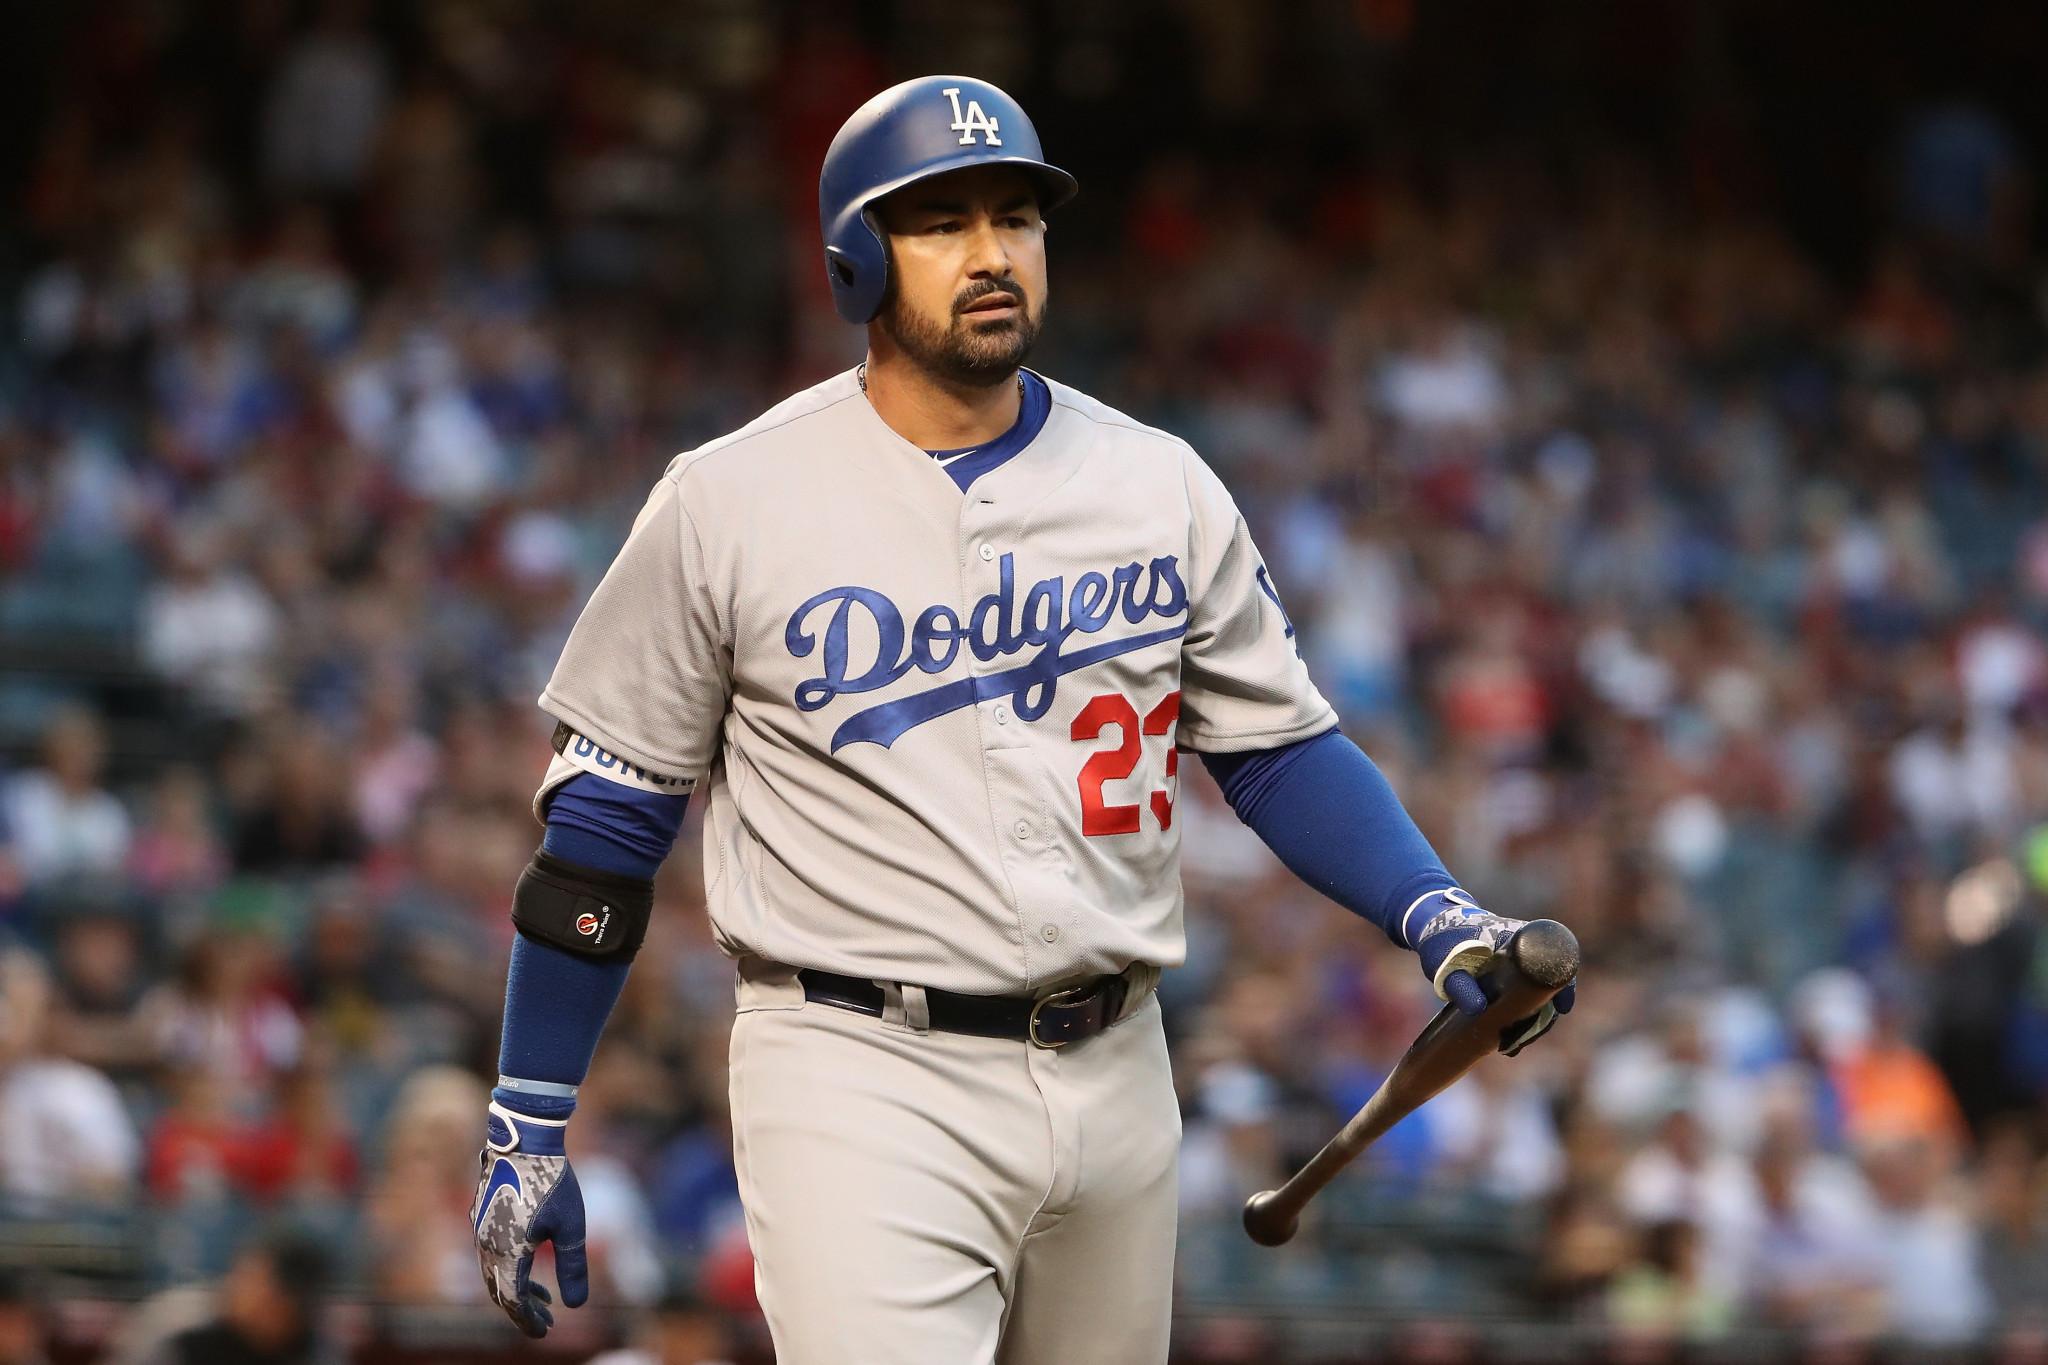 Adrian Gonzalez wants to play